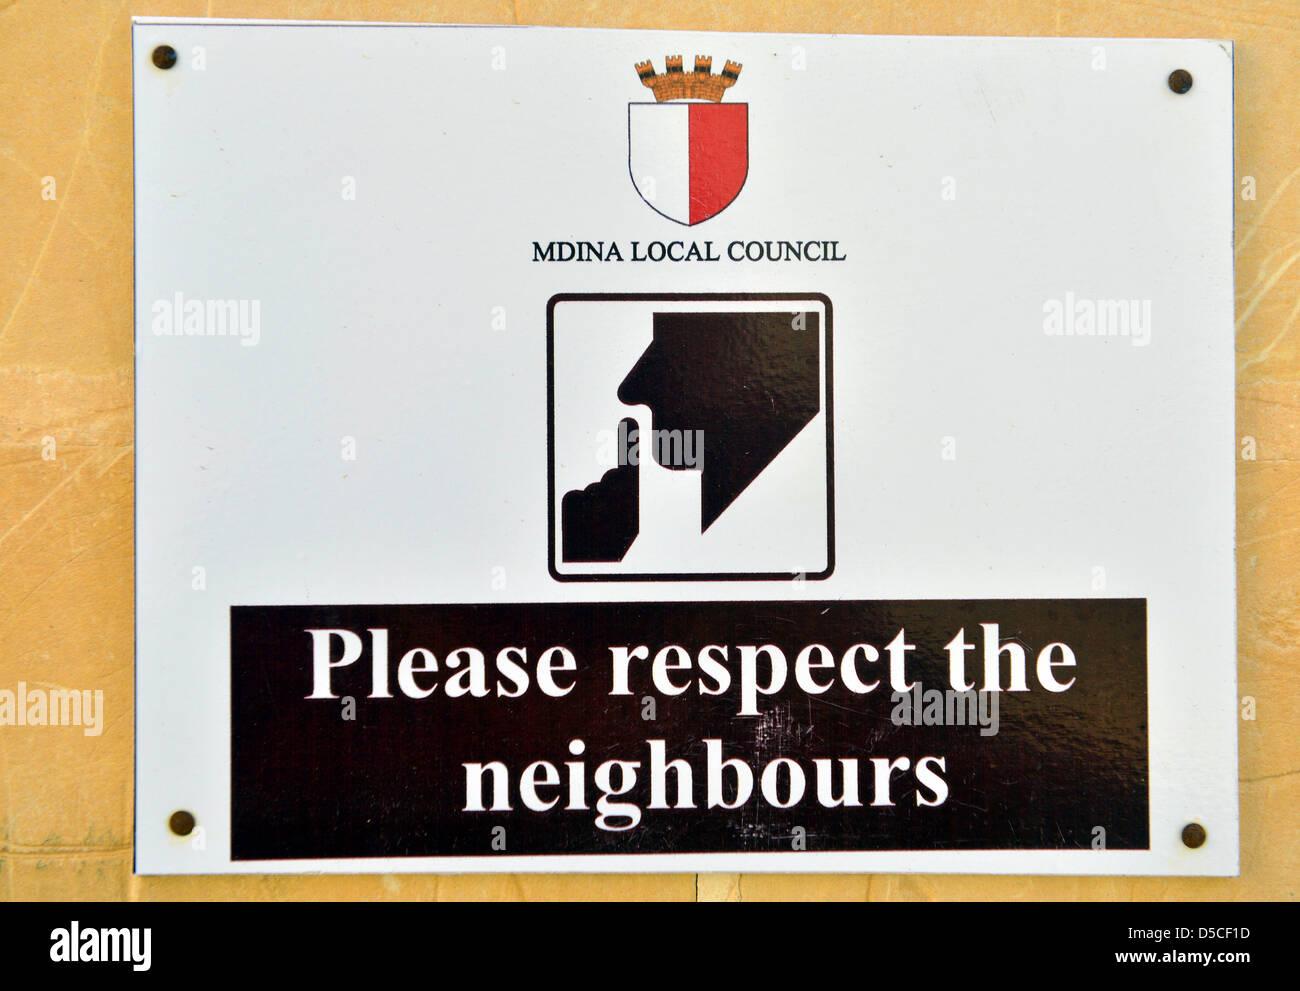 Silencio, por favor respeten los vecinos firmen, Mdina, Malta. Foto de stock